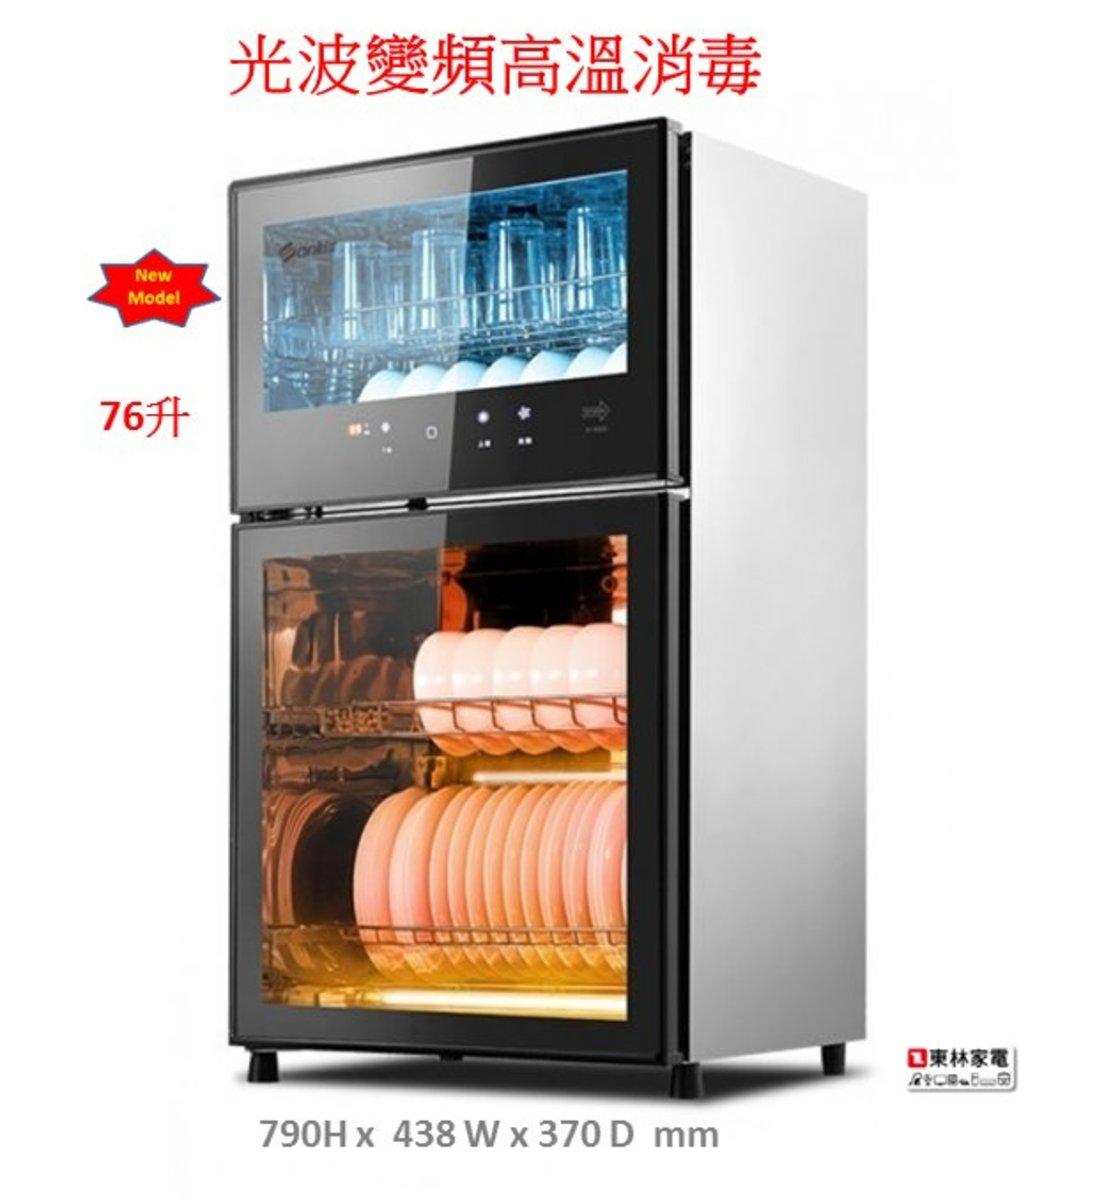 第二代雙層智能消毒碗櫃(76公升) SKDS80